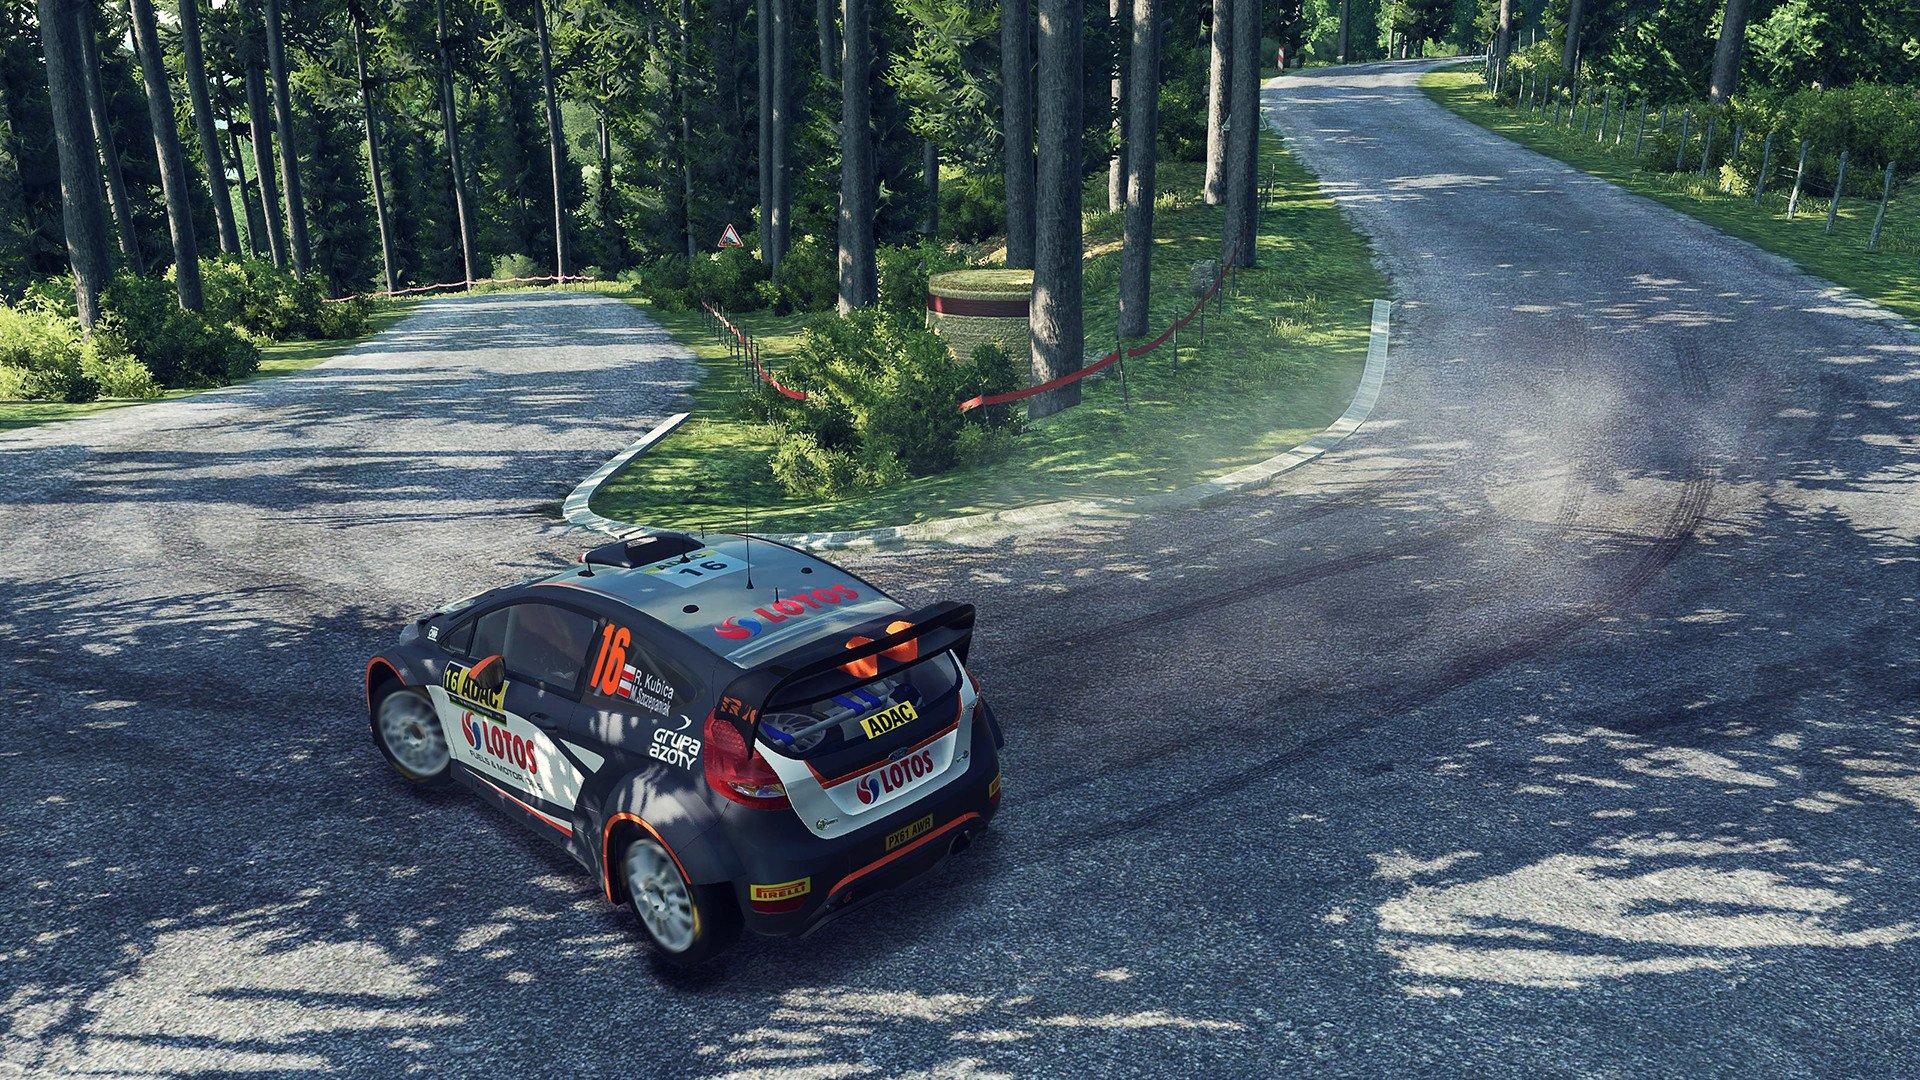 Wrc 3: fia world rally championship (2012) скачать через торрент.